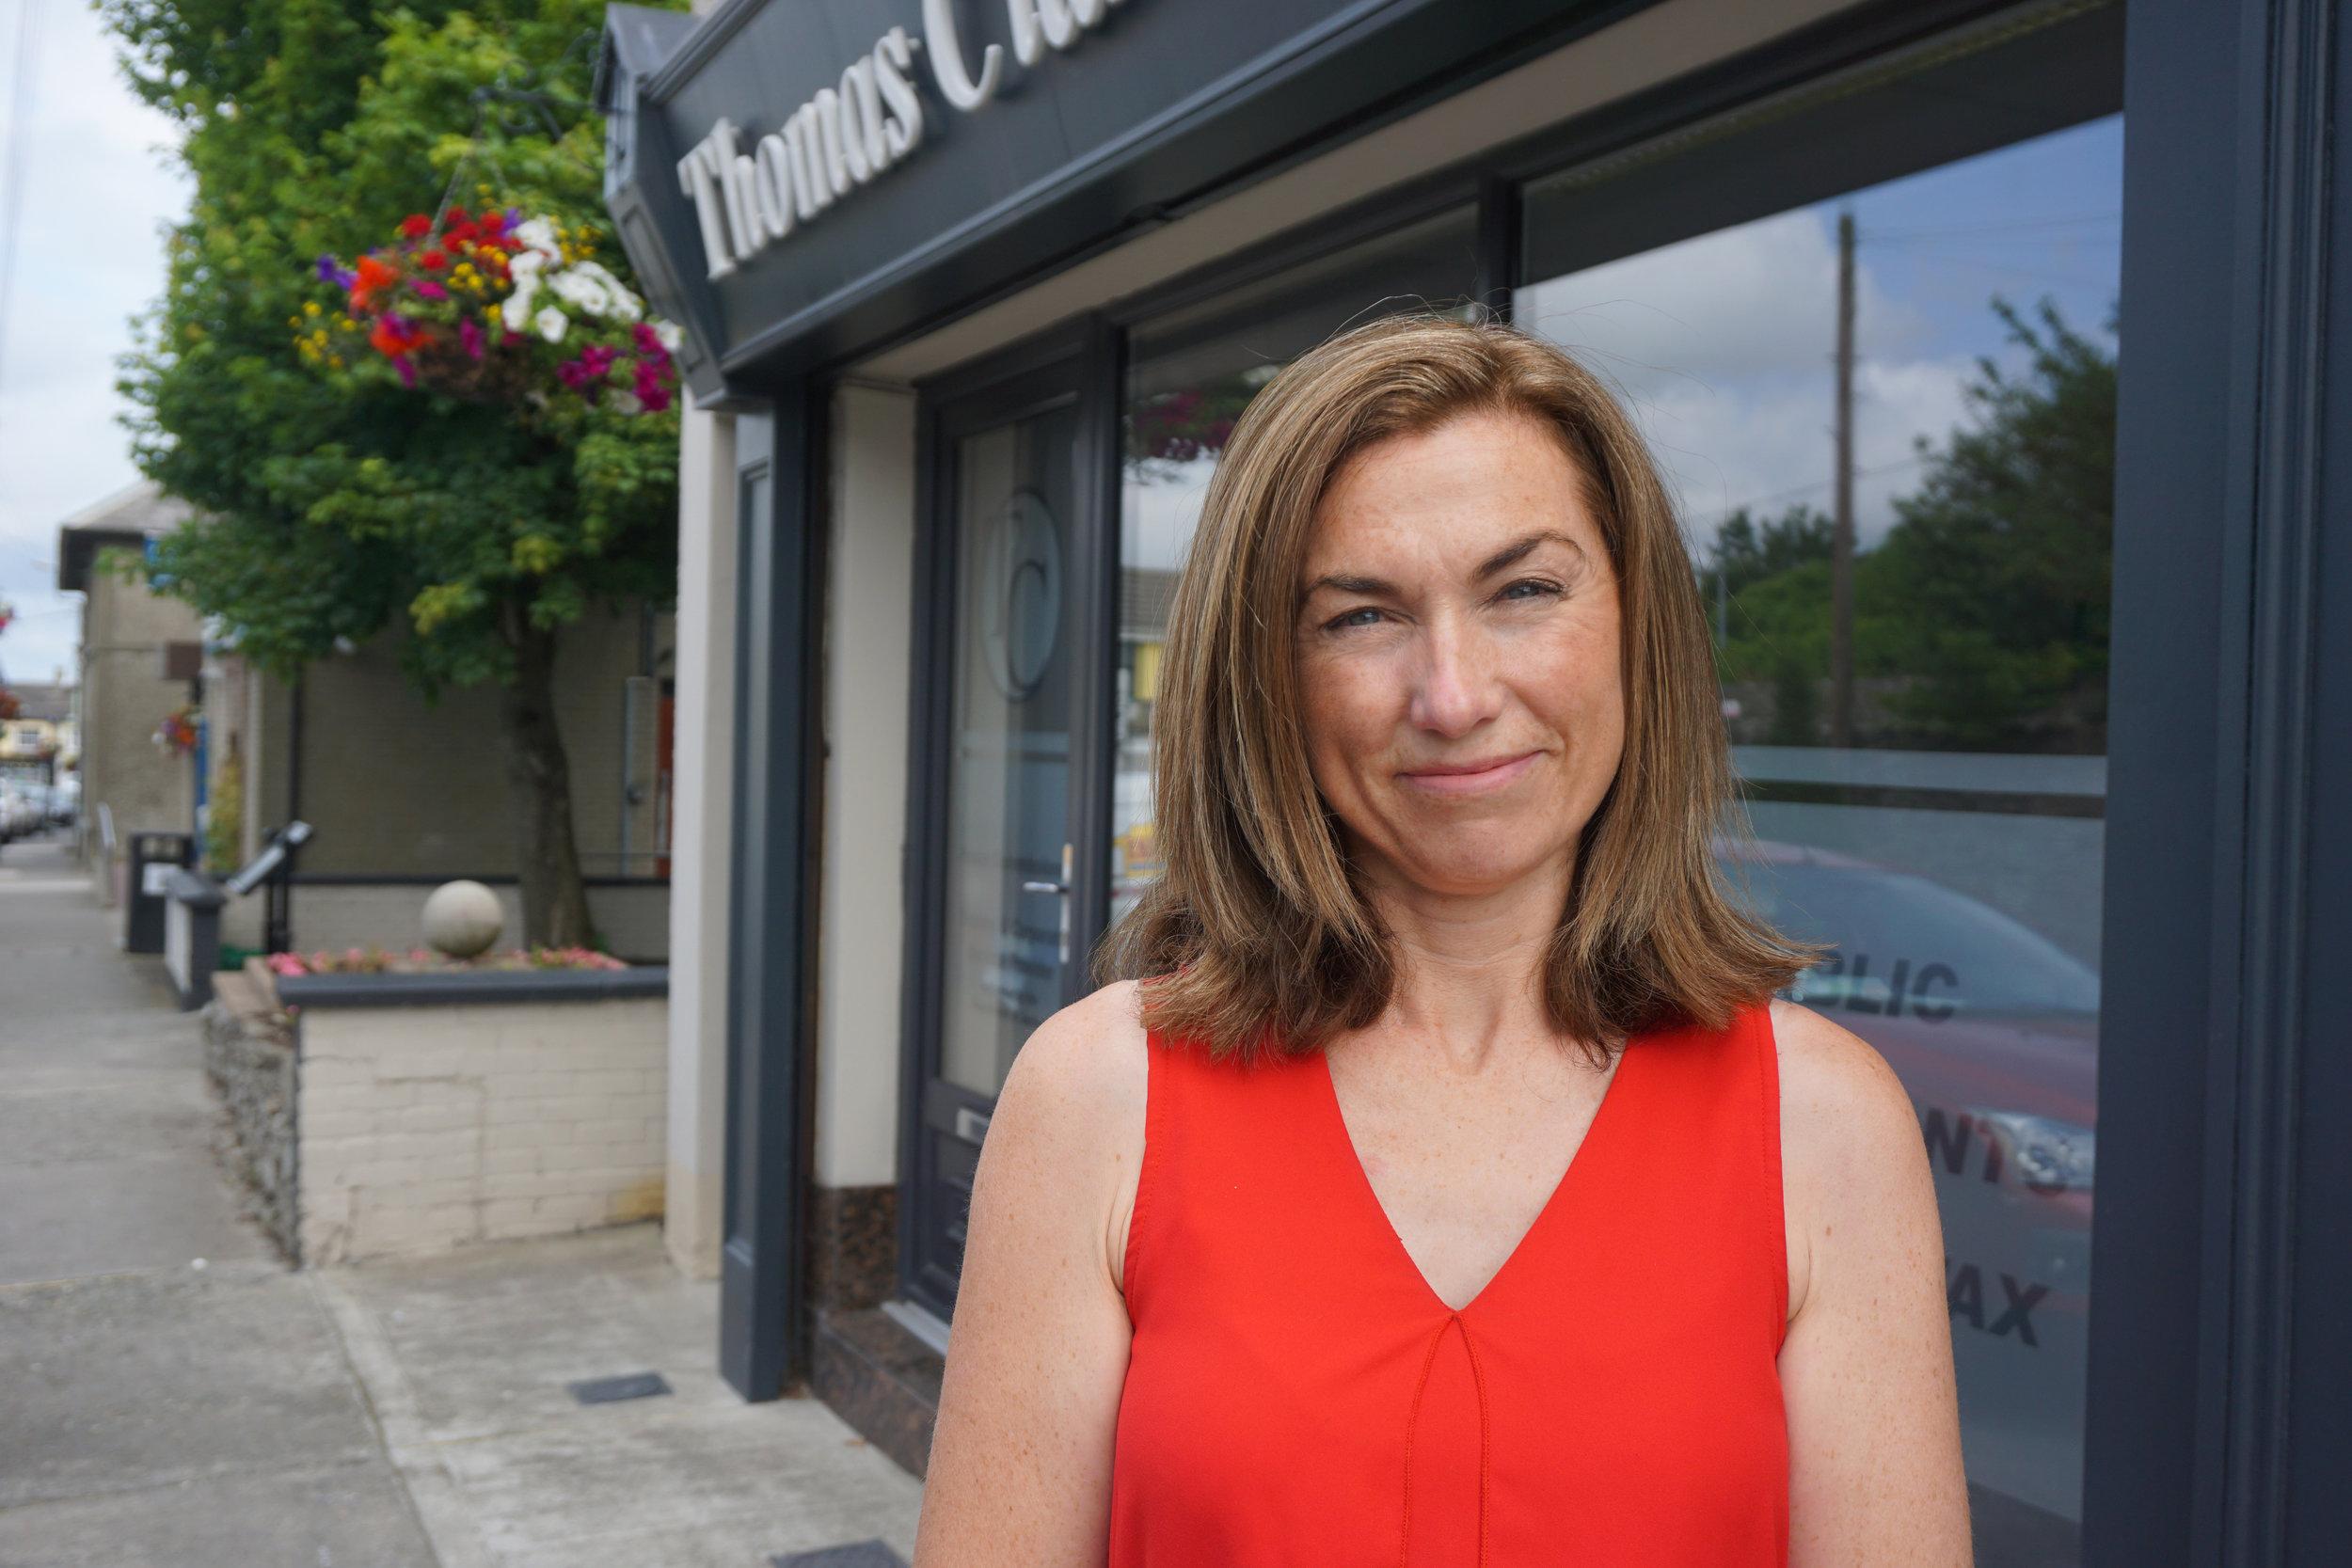 Lorraine McKeigue